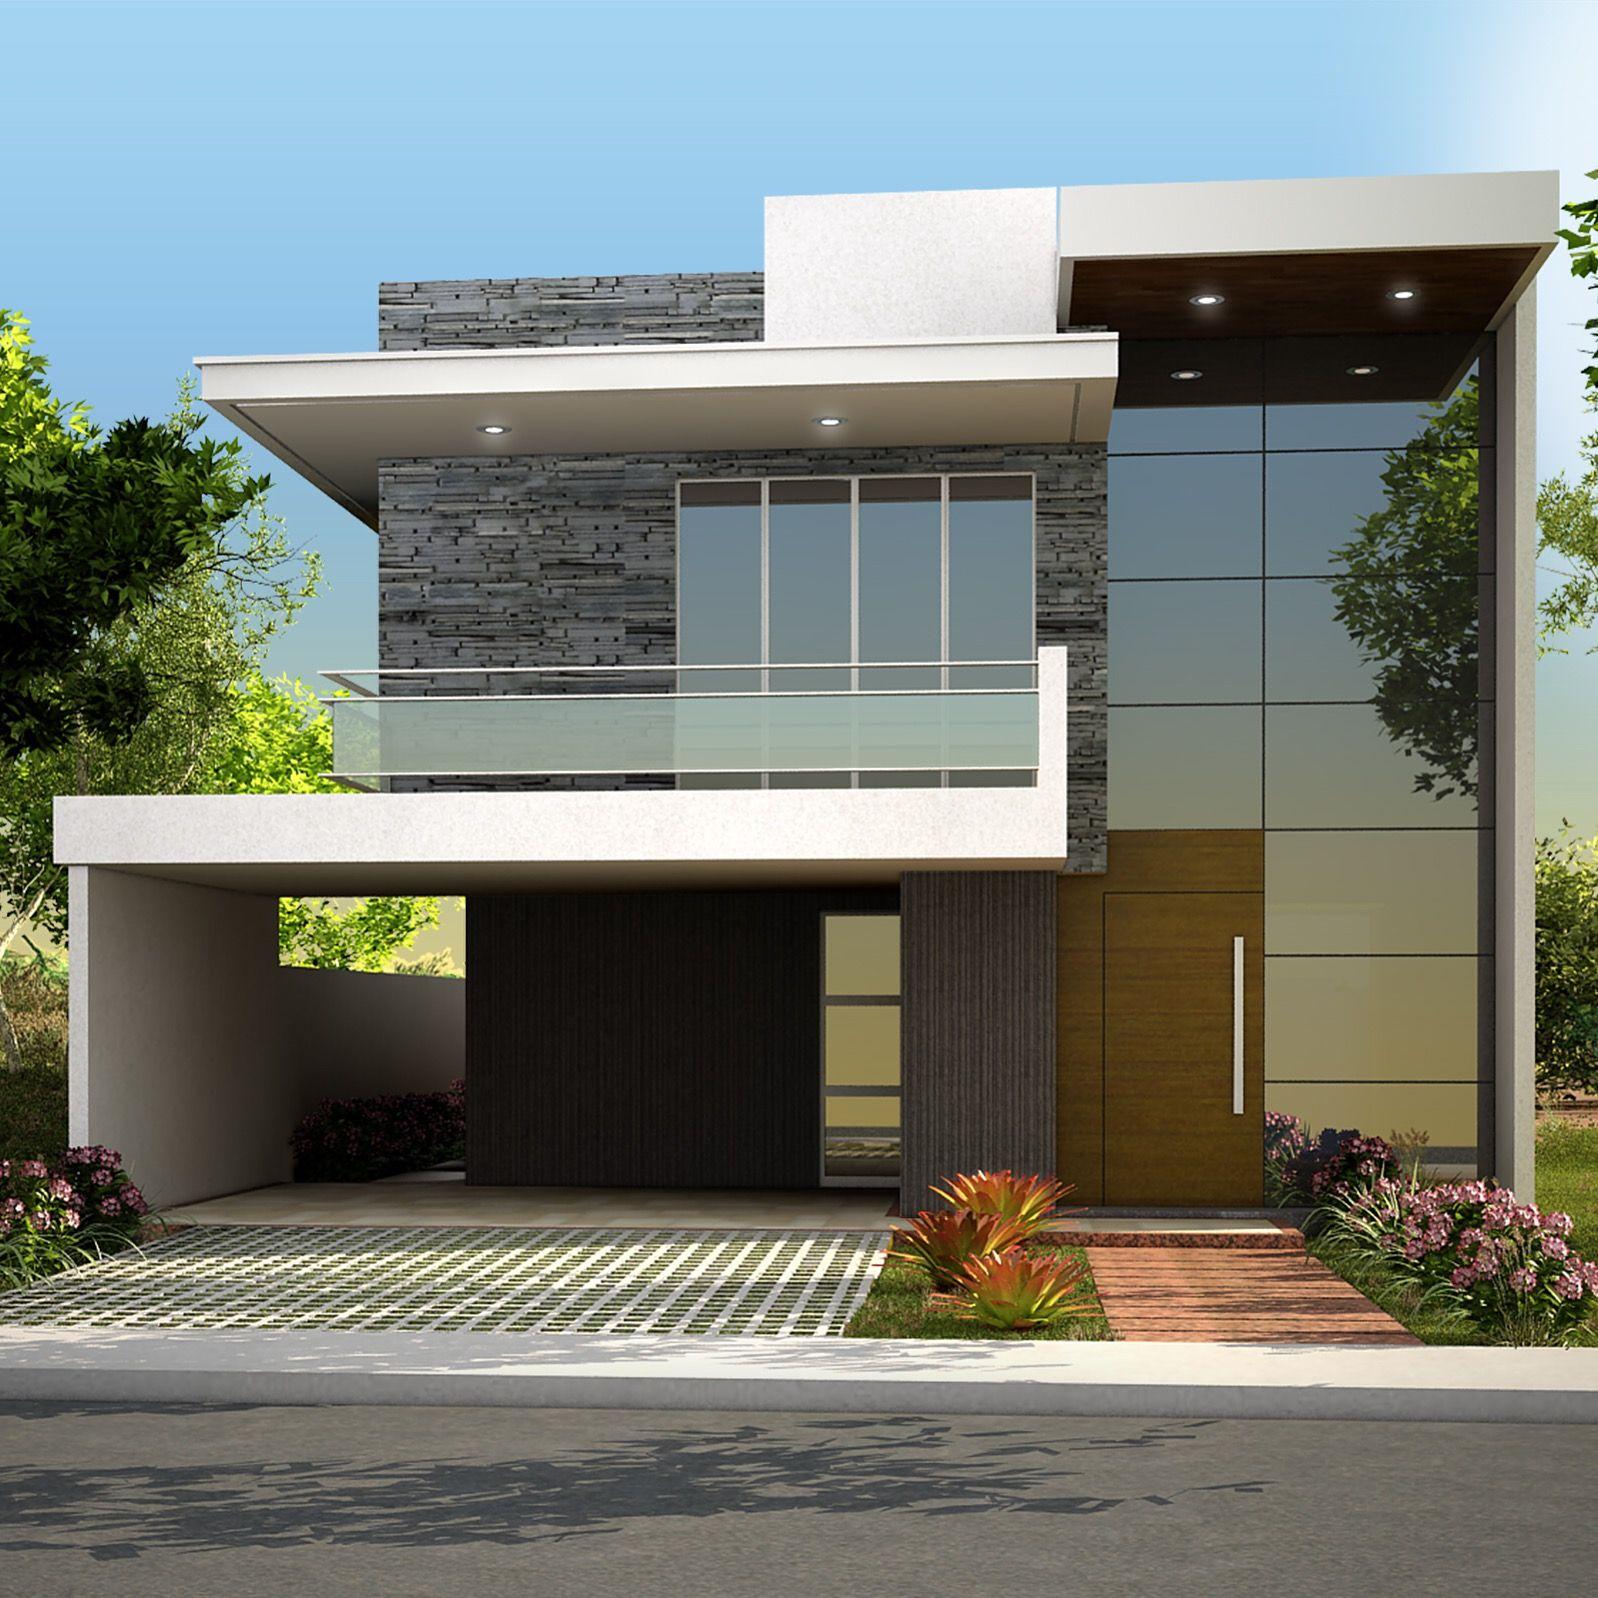 fachada chilca arquitectura en 2019 casas modernas